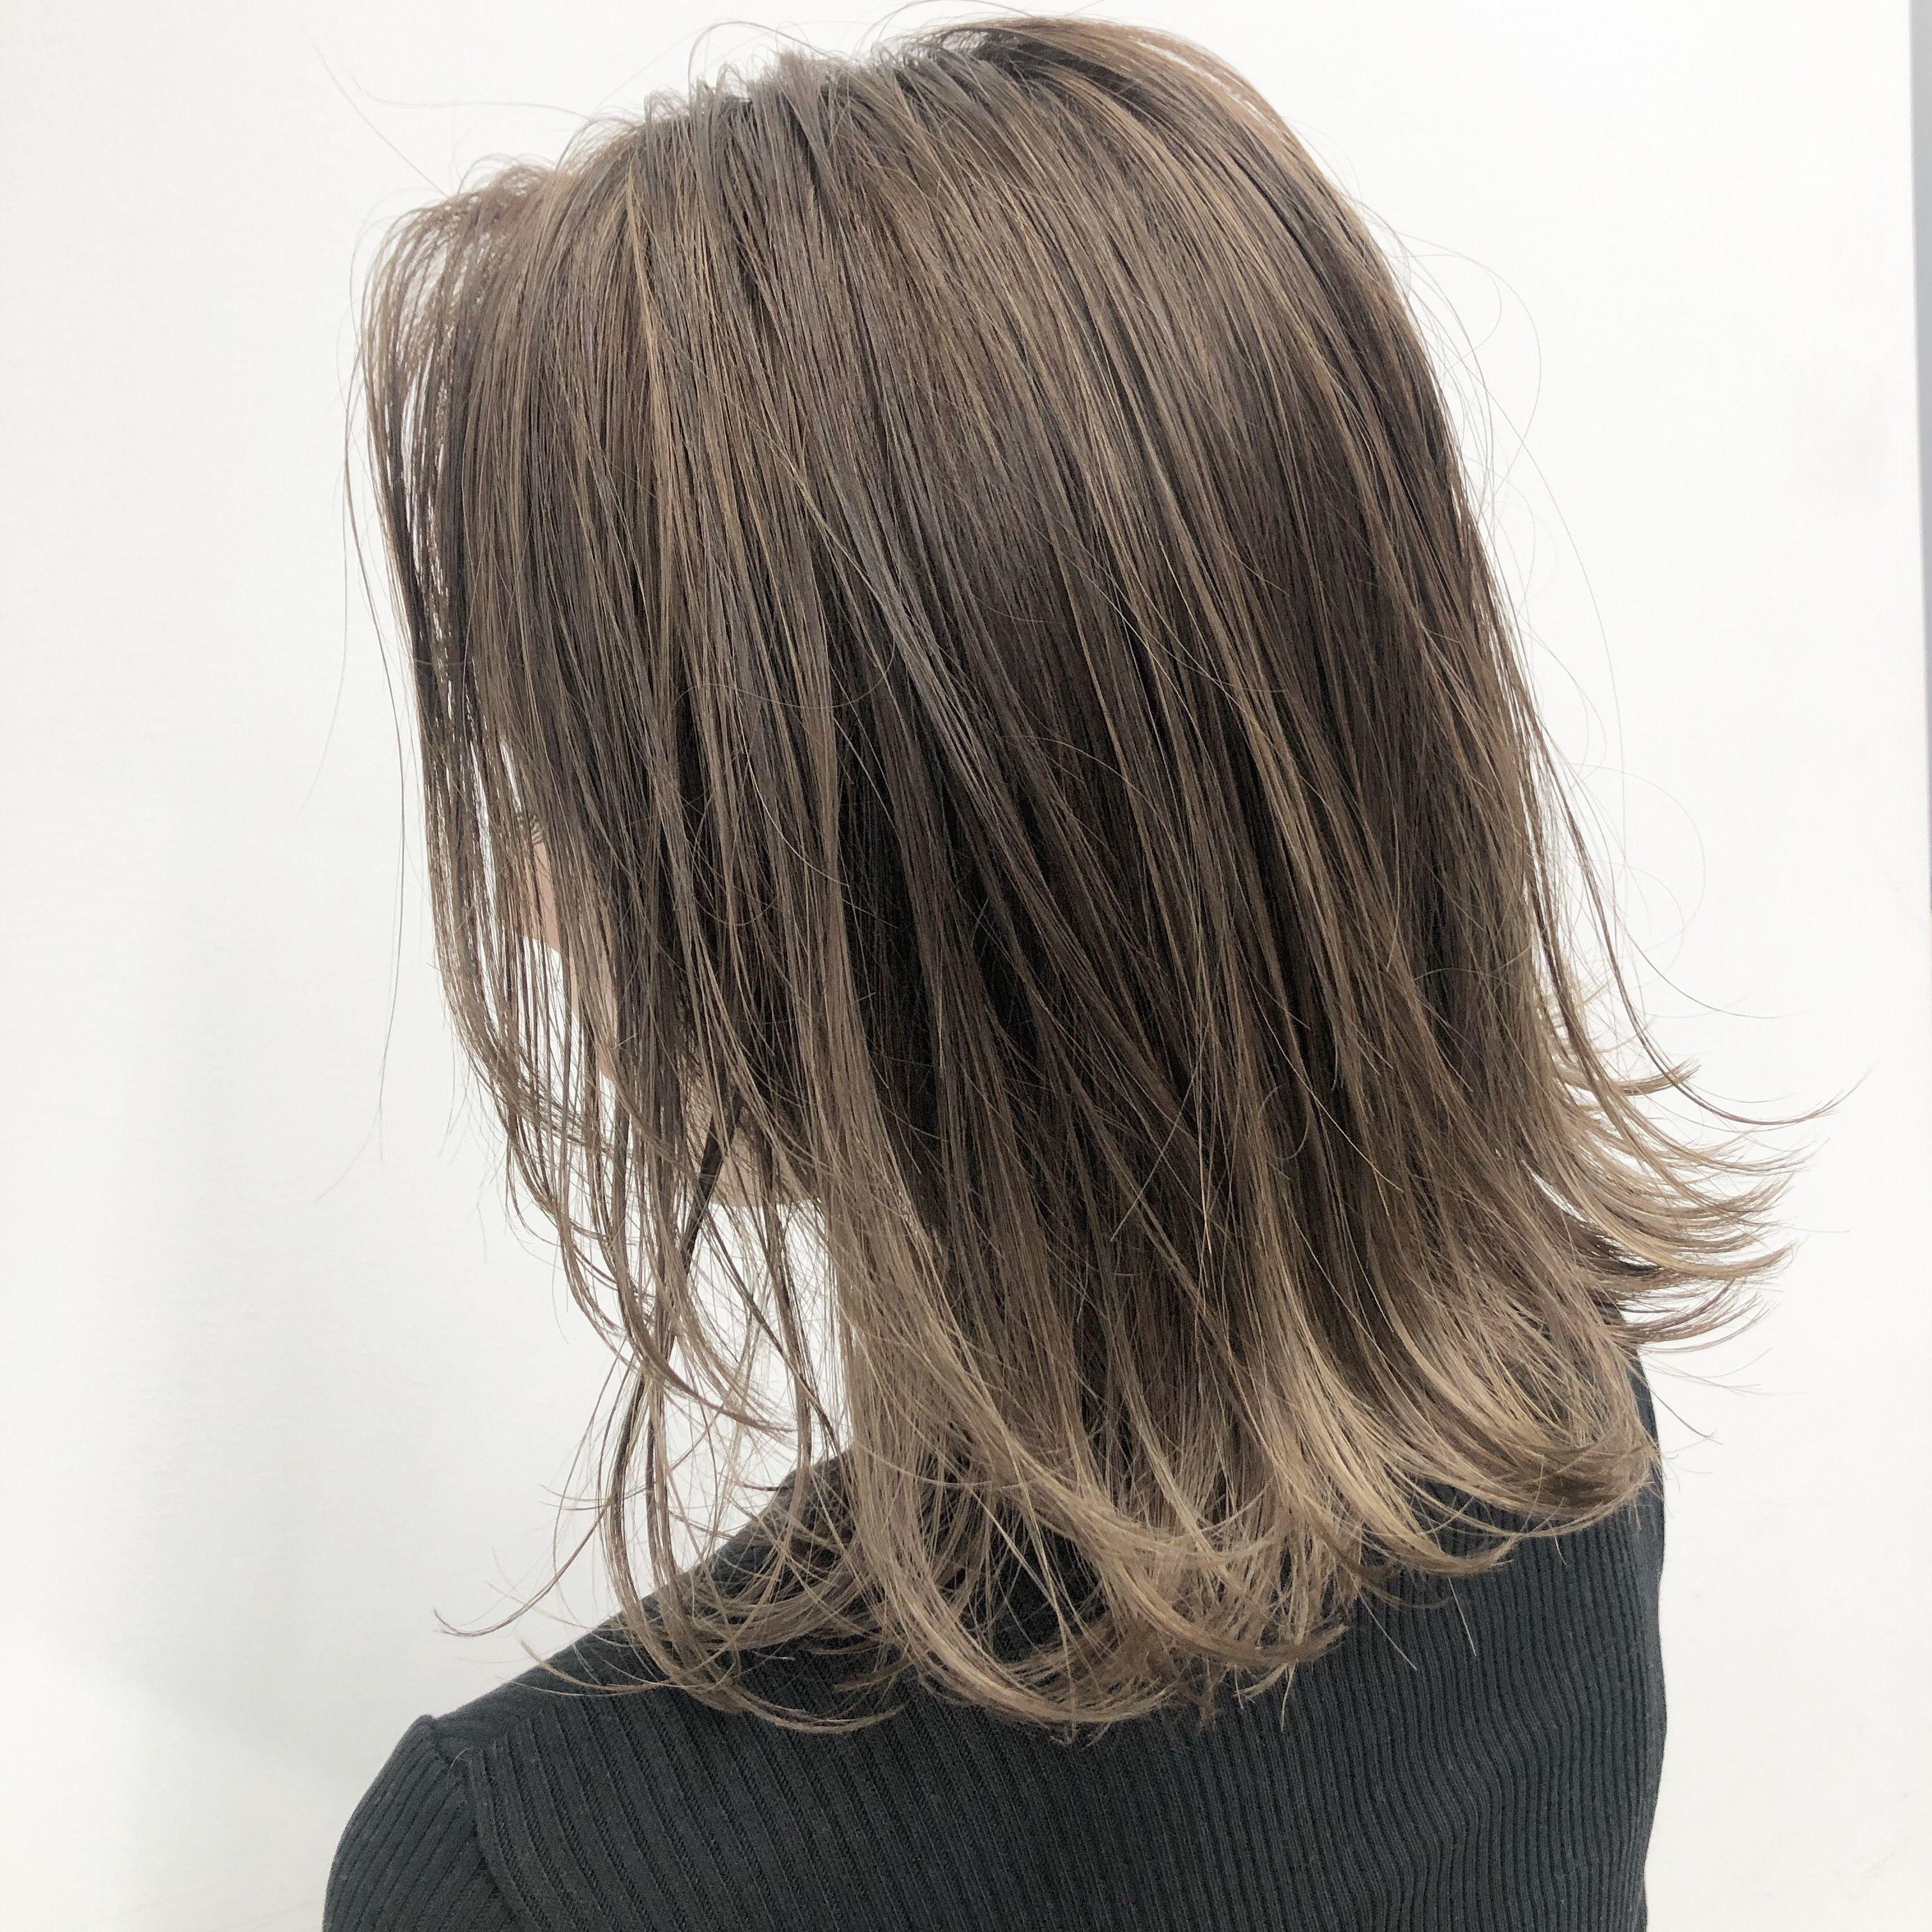 ミルクティーベージュ 外国人風カラー 髪色 ミルクティー オンブレヘア ミディアム ヘアカラー